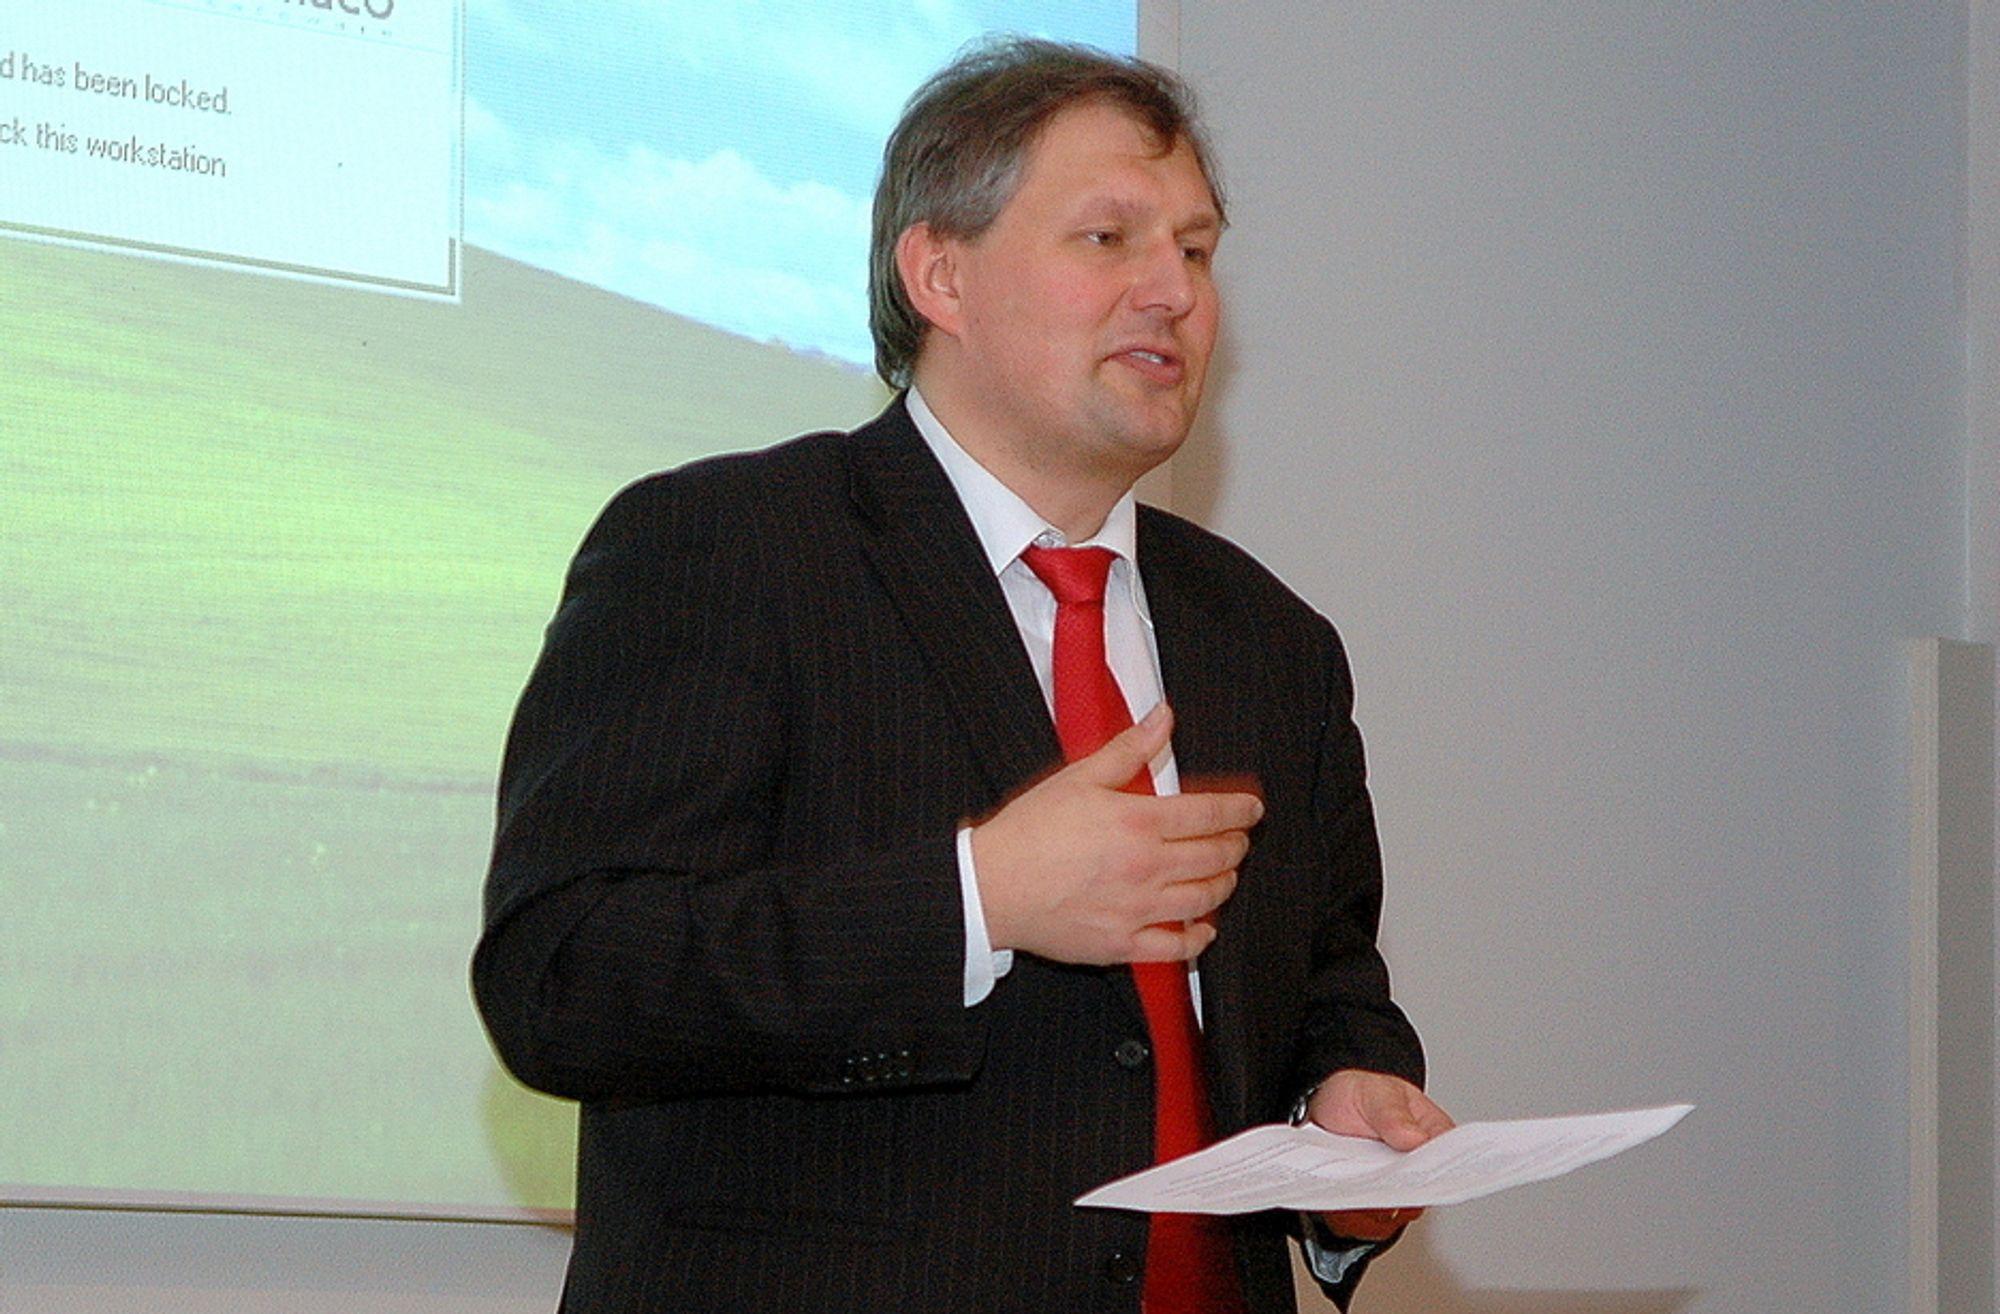 Olje- og energiminister Terje Riis Johansen (Sp) har nå varslet EUs energikommissær Günther Öttinger om at Norge er klare til å starte forhandlinger om våres forpliktelser.